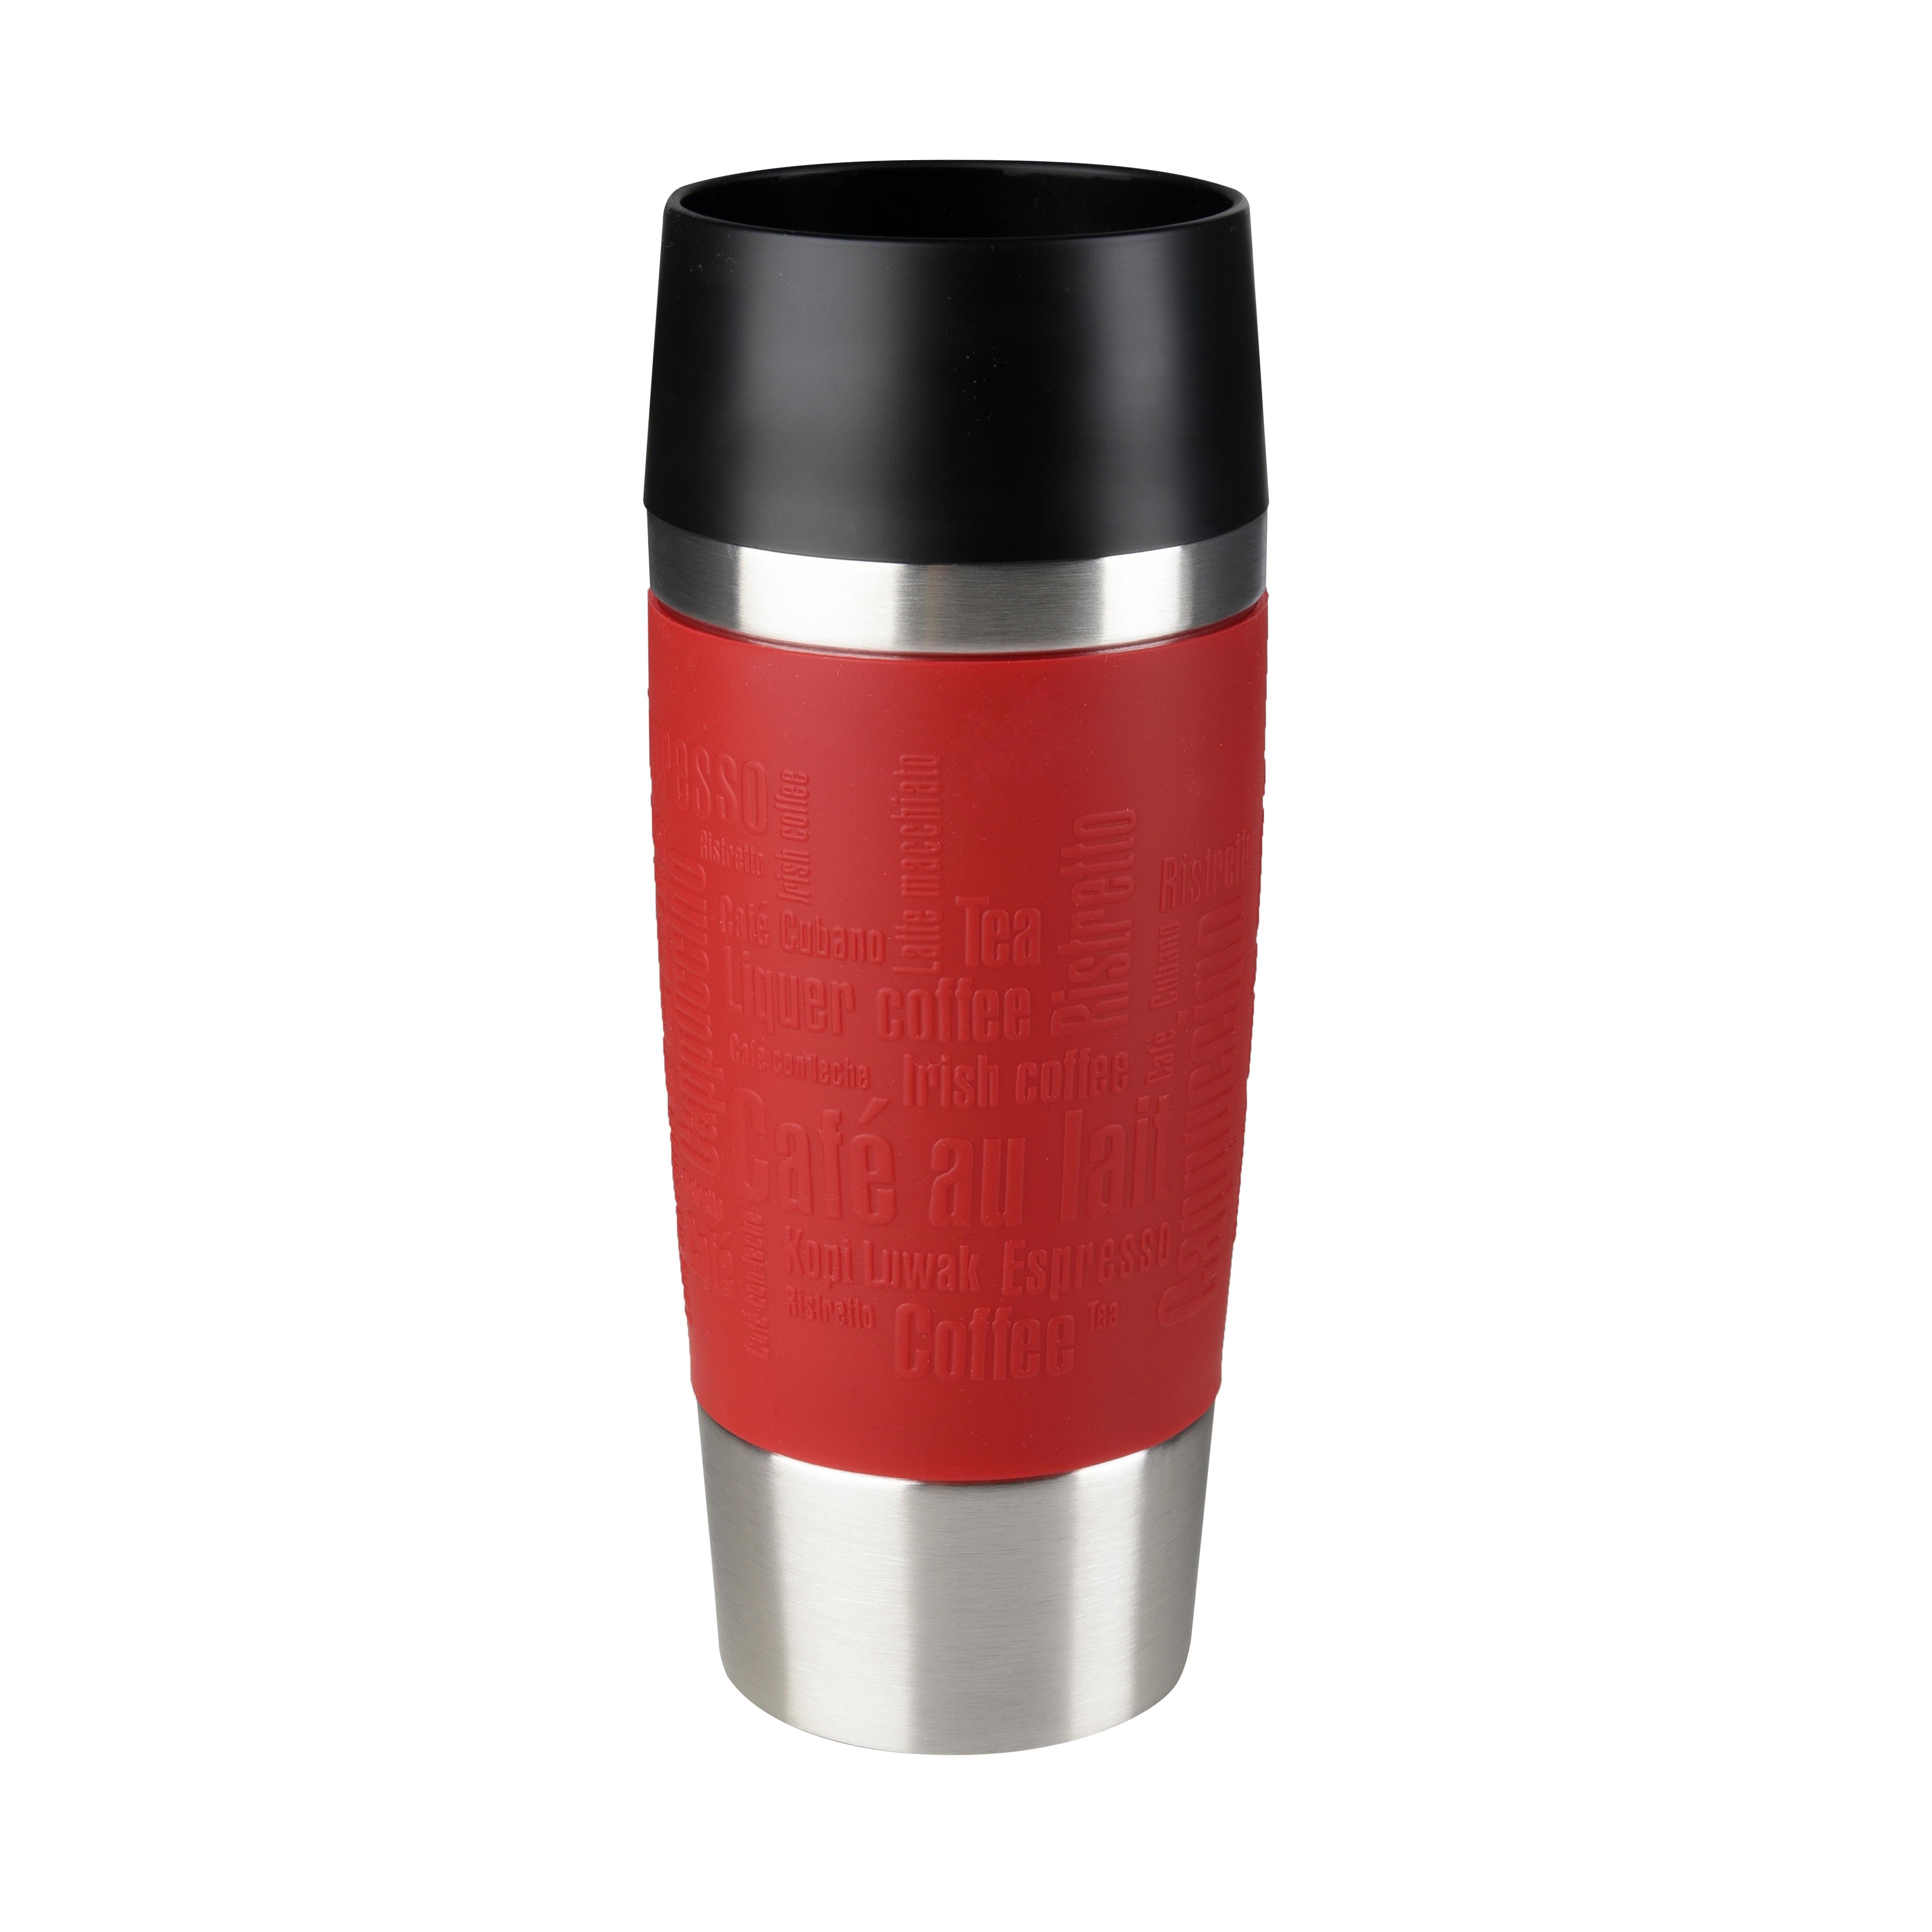 EMSA 513356 Travel Mug Thermo-/Isolierbecher, Fassungsvermögen: 0,36L, hält 4h heiß/ 8h kalt, 100% dicht, auslaufsicher, Easy Quick-Press-Verschluss, 360°-Trinköffnung, Rot